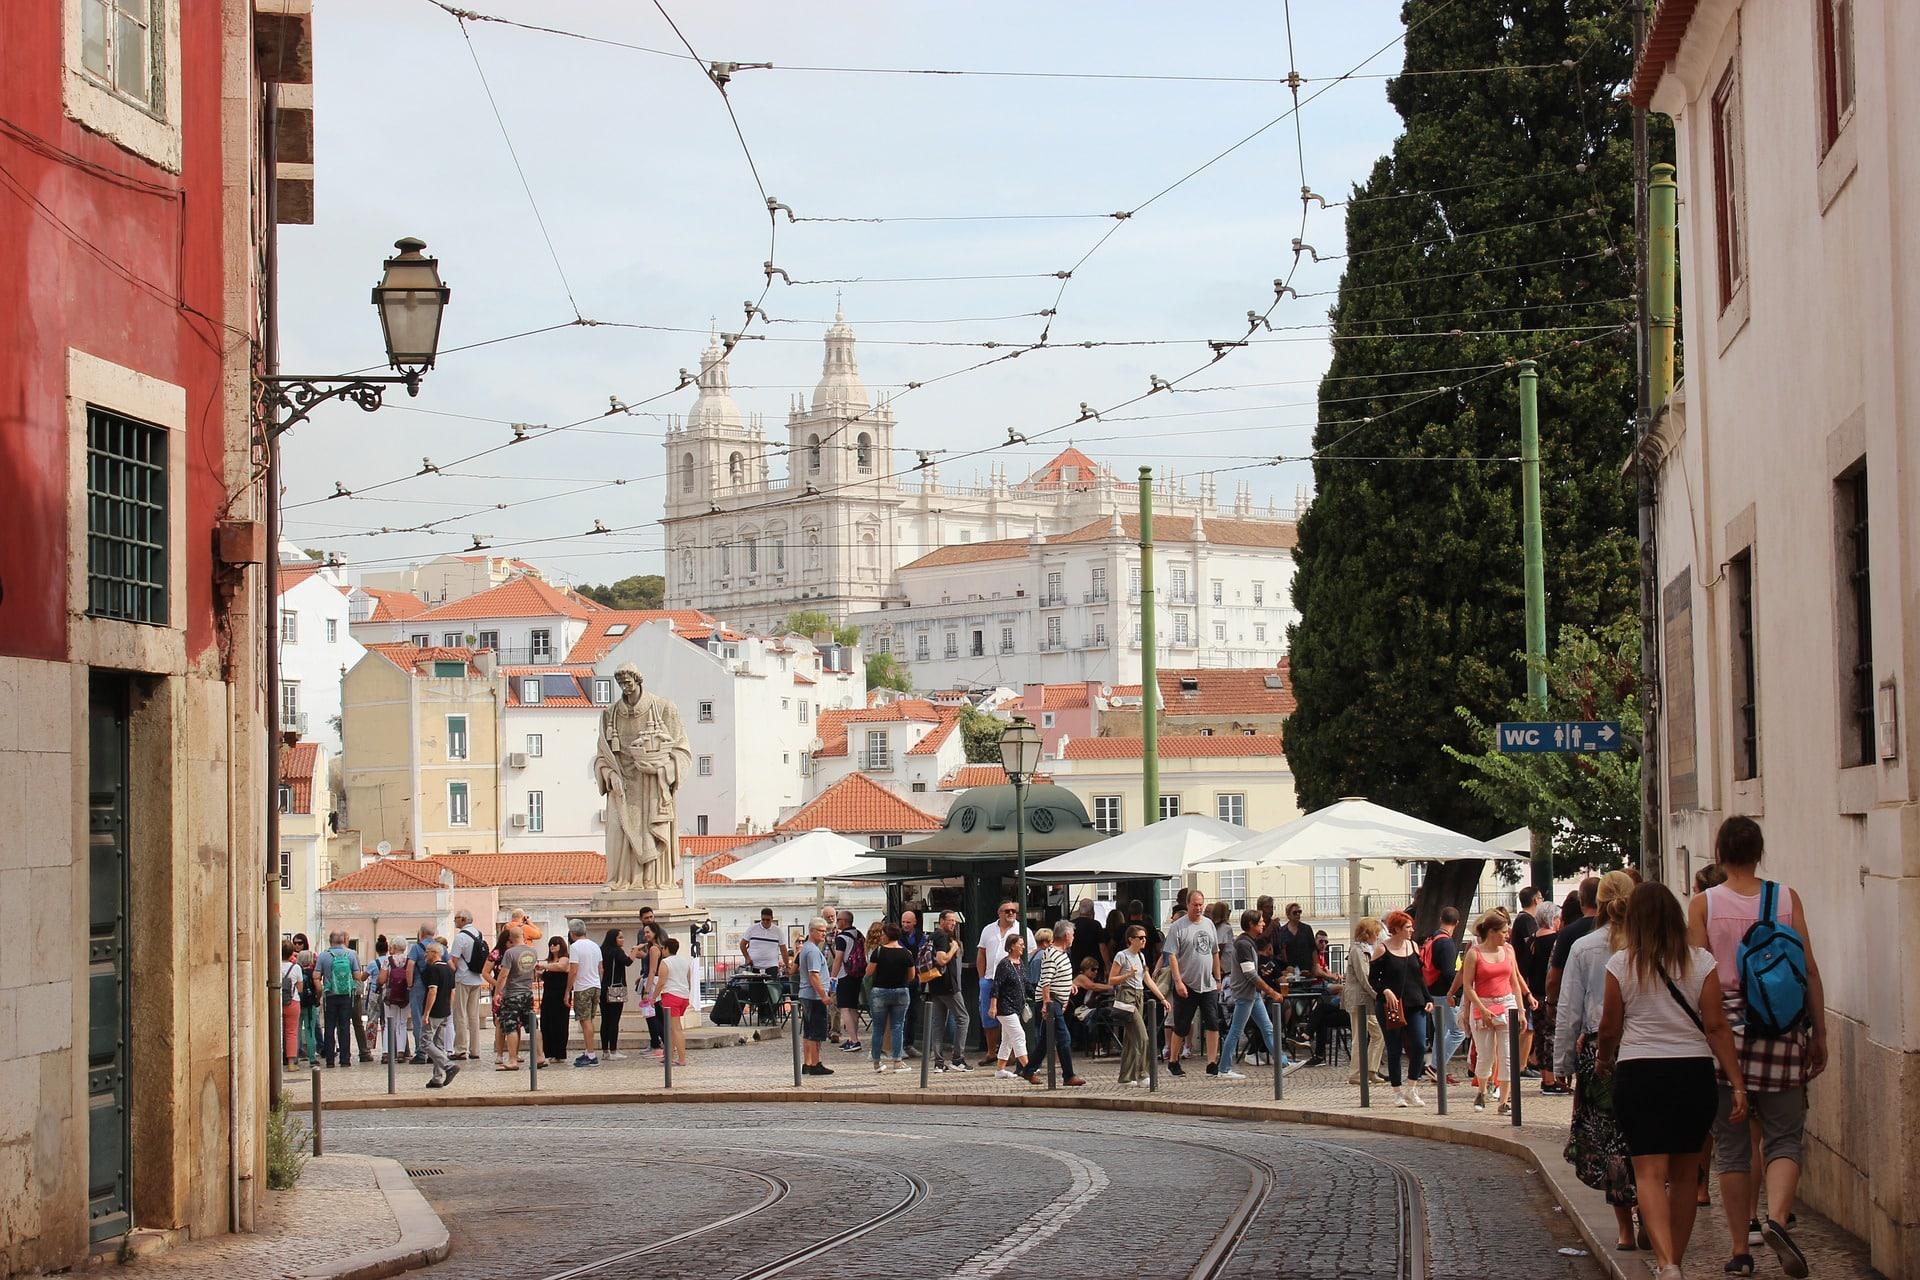 """Lizbona każdego roku przyciągała około cztery miliony turystów. Program """"Bezpieczny dochód"""" ma pomóc zapanować nad turystyfikacją miasta. Fot. Pixabay."""